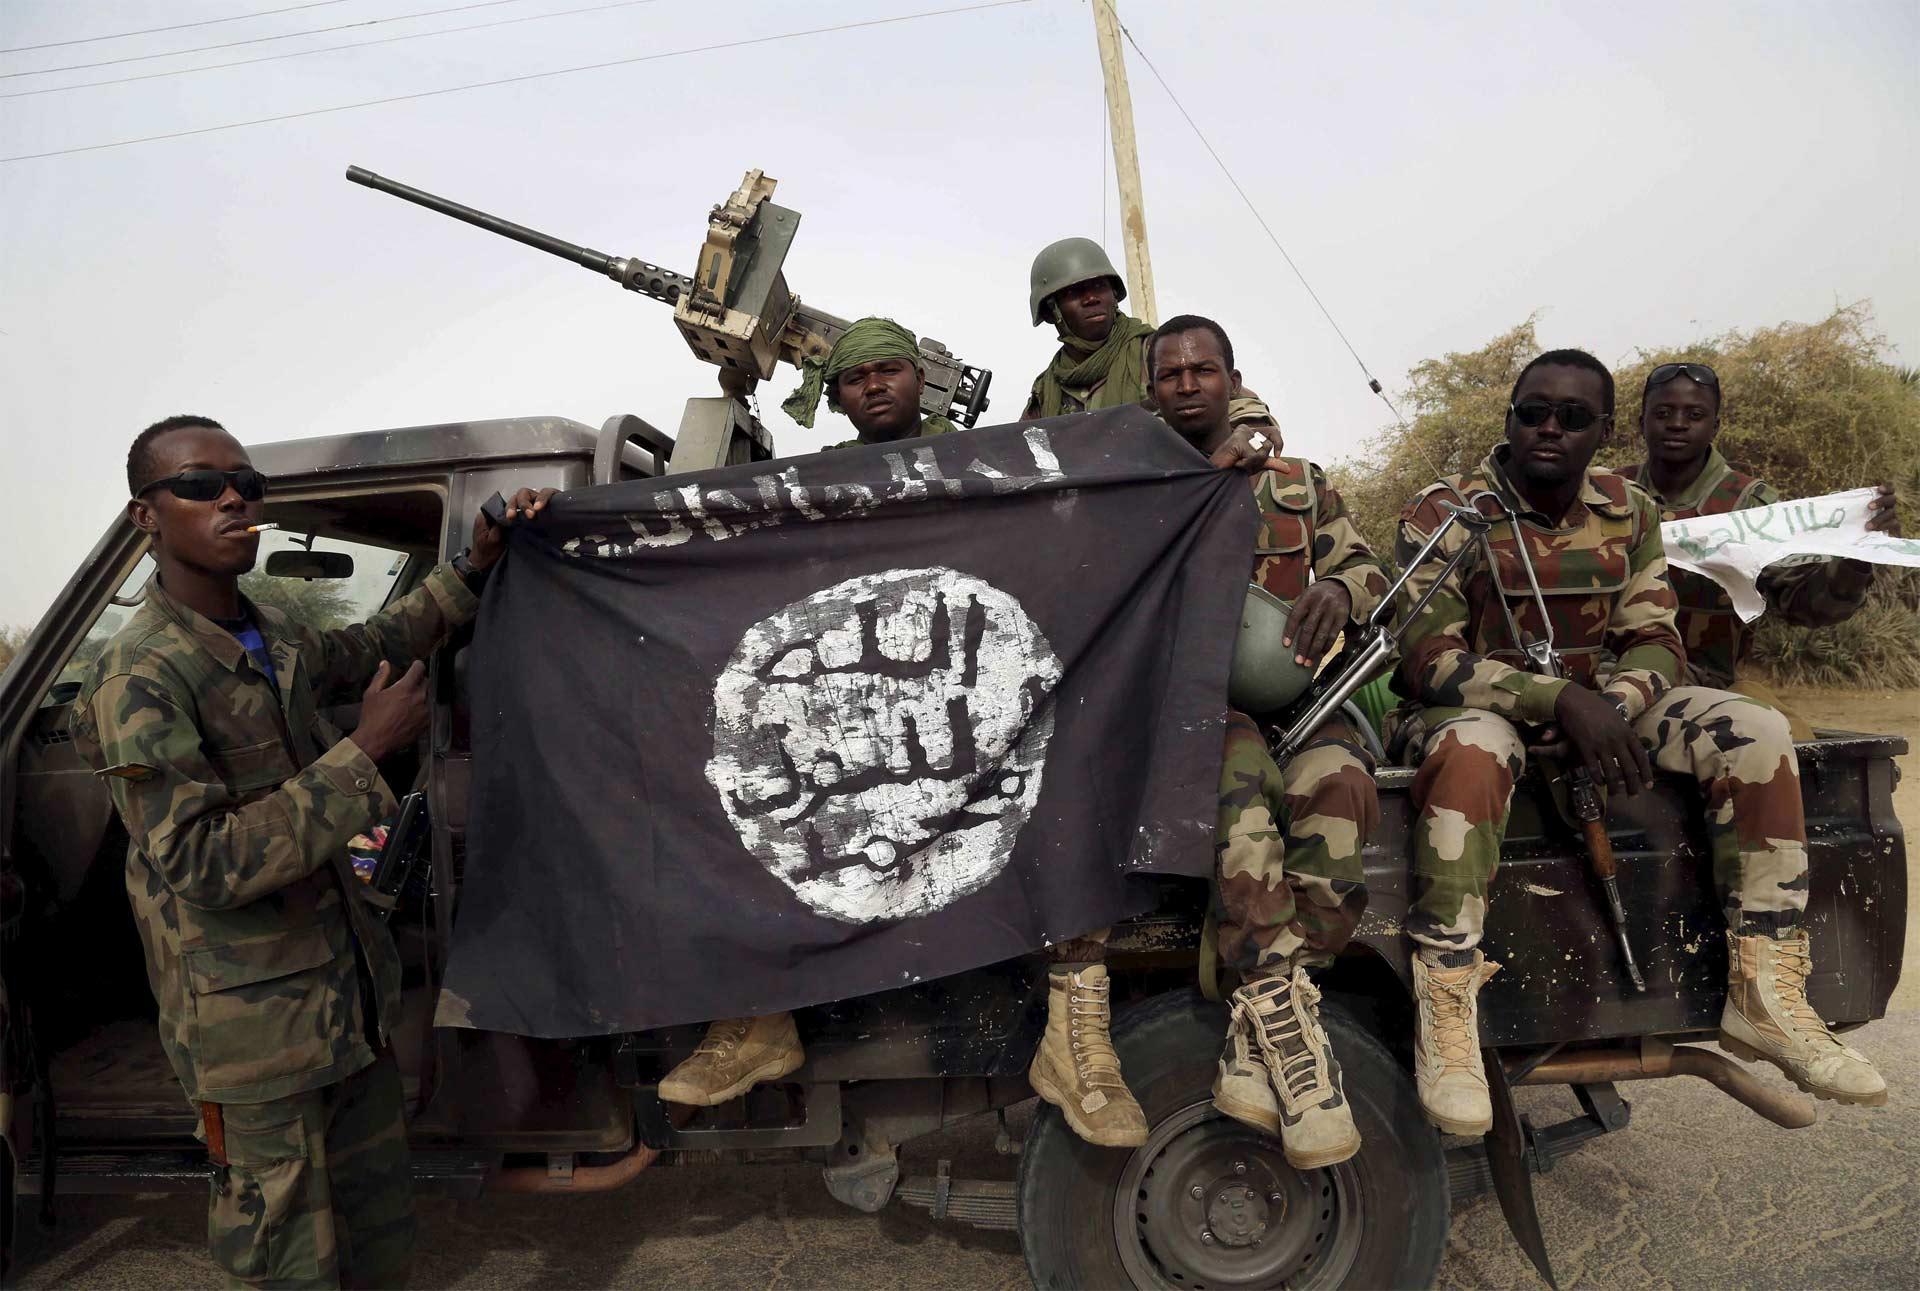 Los datos muestran que el año pasado, Boko Haram asesinó a 571 personas más que el Estado Islámico